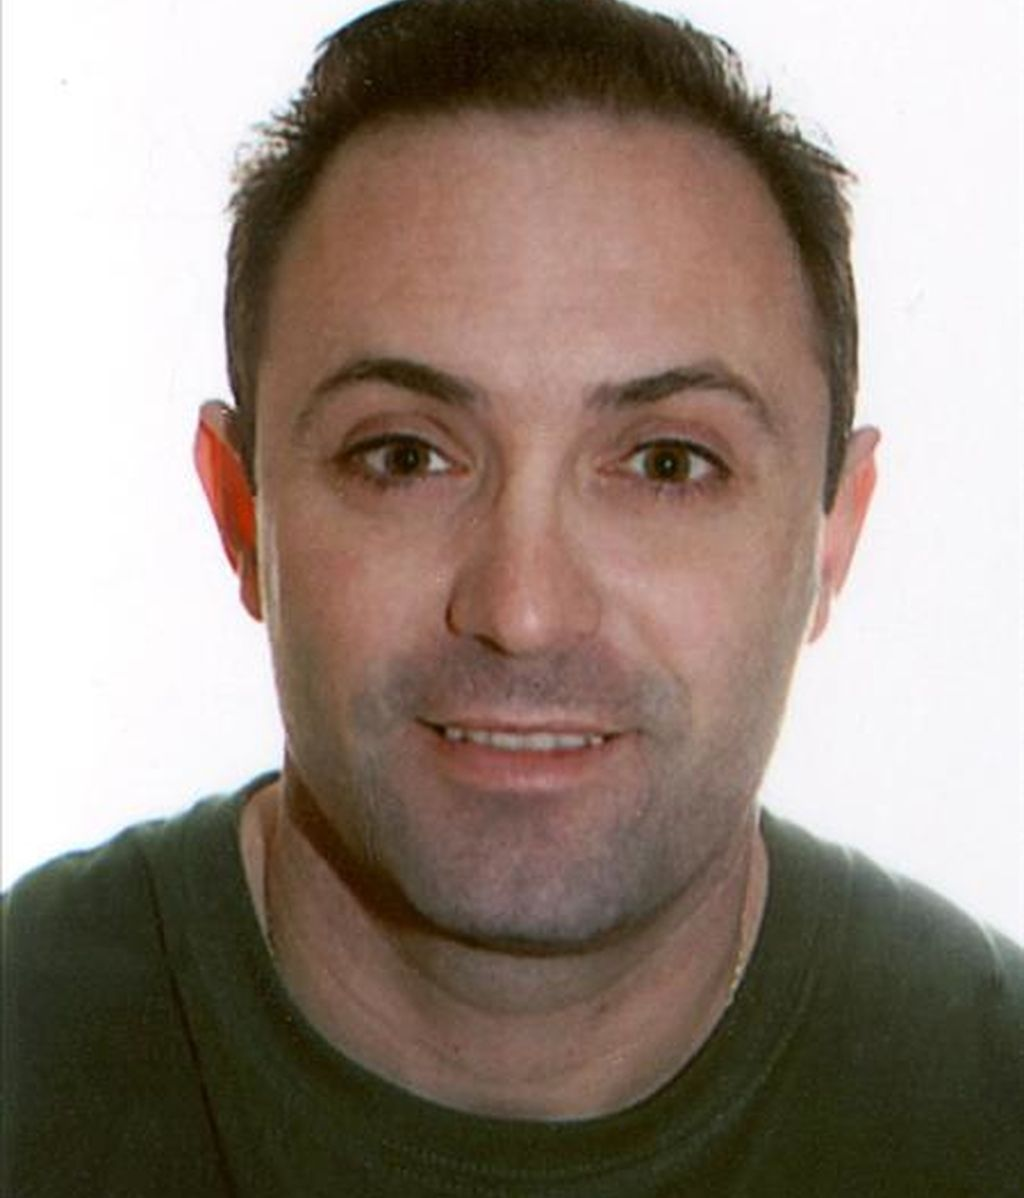 Retrato del periodista Rafael Peña, delegado de la Agencia Efe en Ceuta. EFE/Archivo